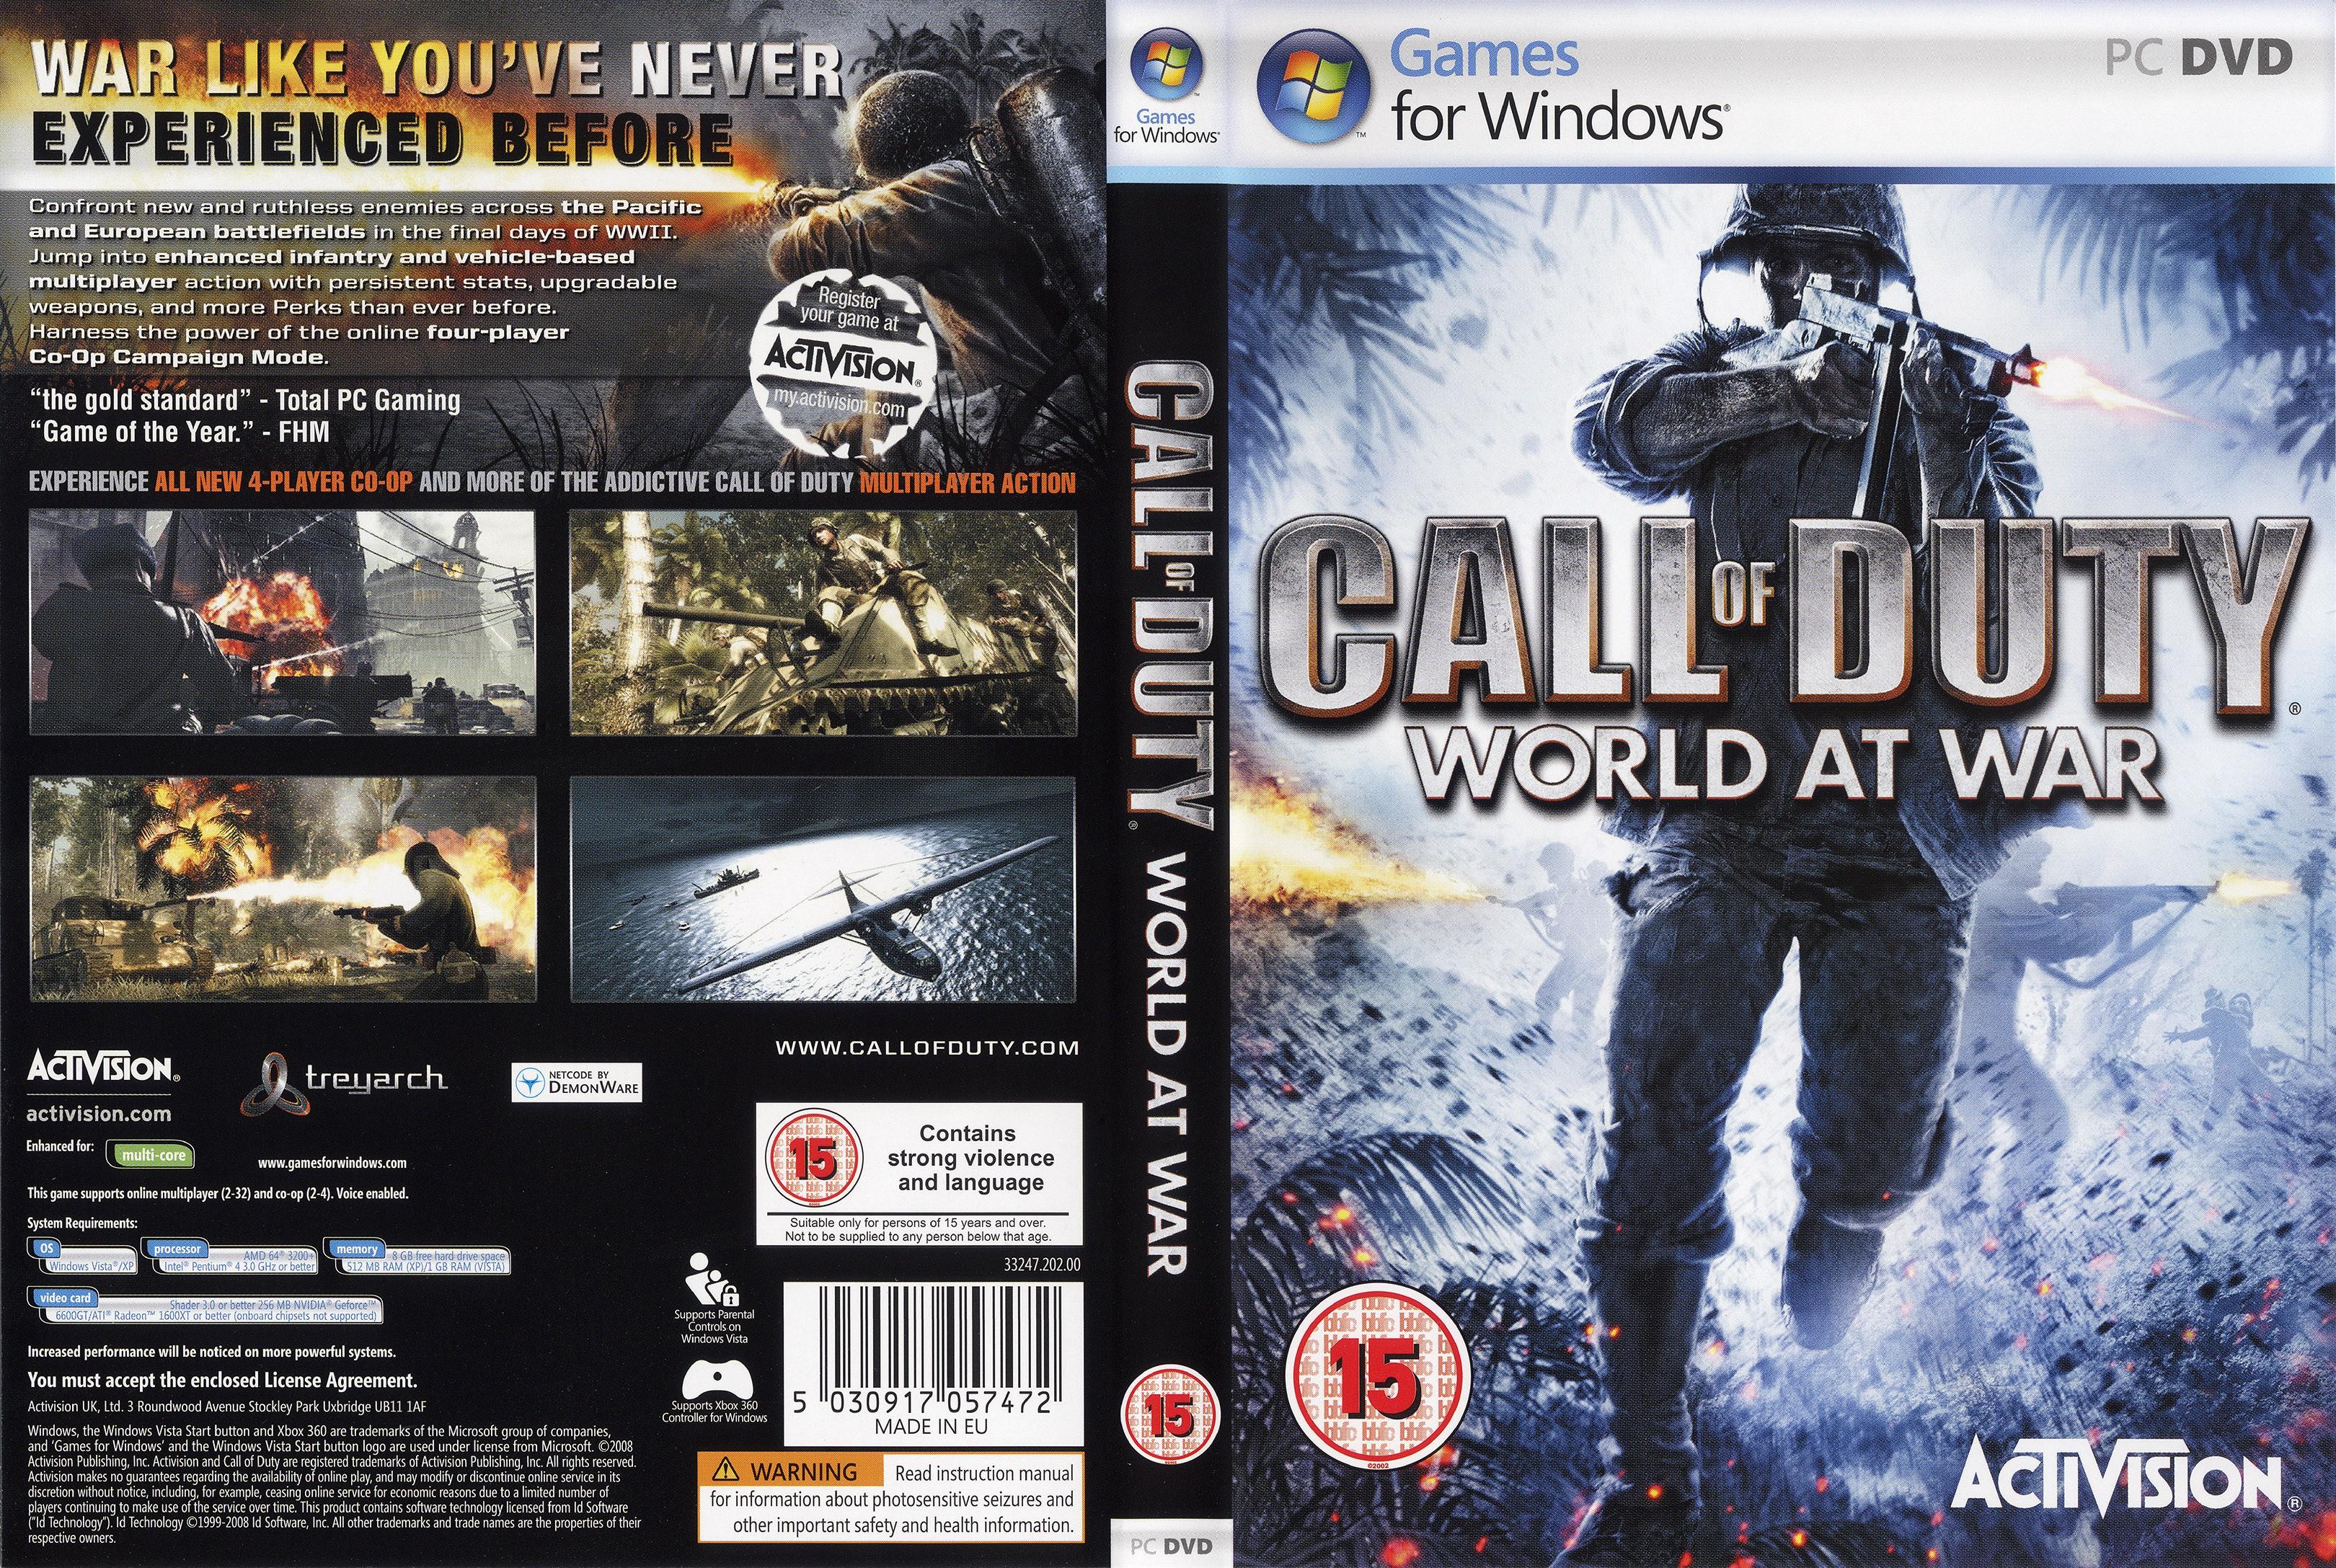 Call Of Duty 5 World at War | Gamerzline